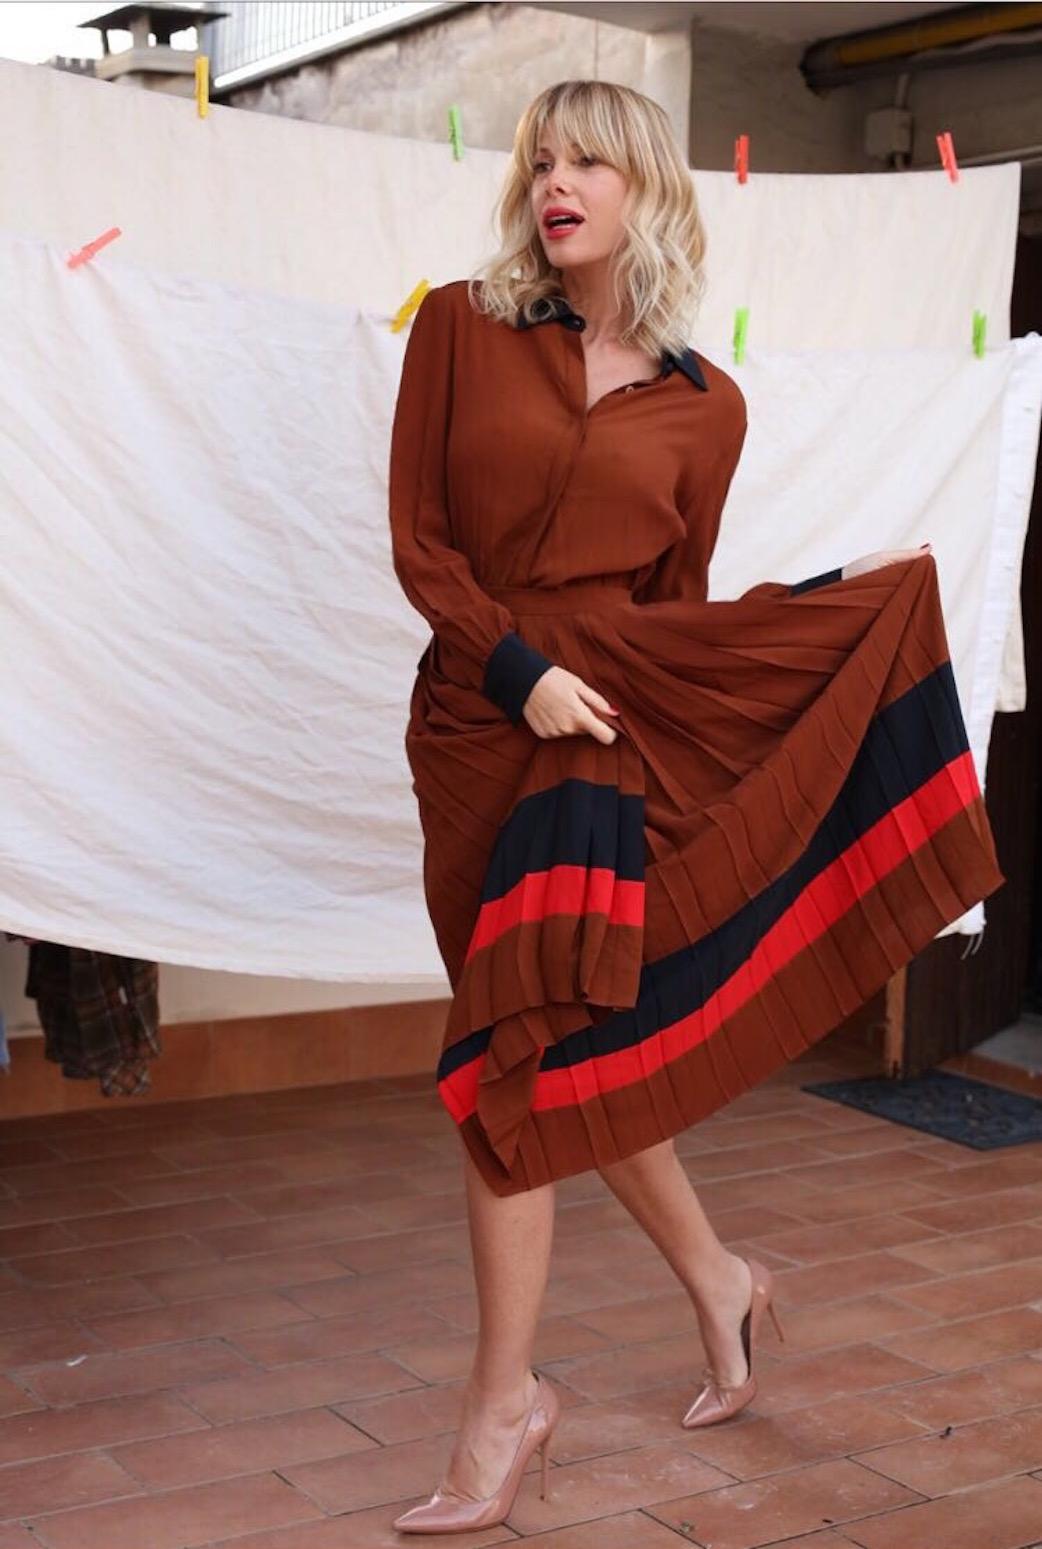 alessia-marcuzzi-terrazza-raffo-vestito6